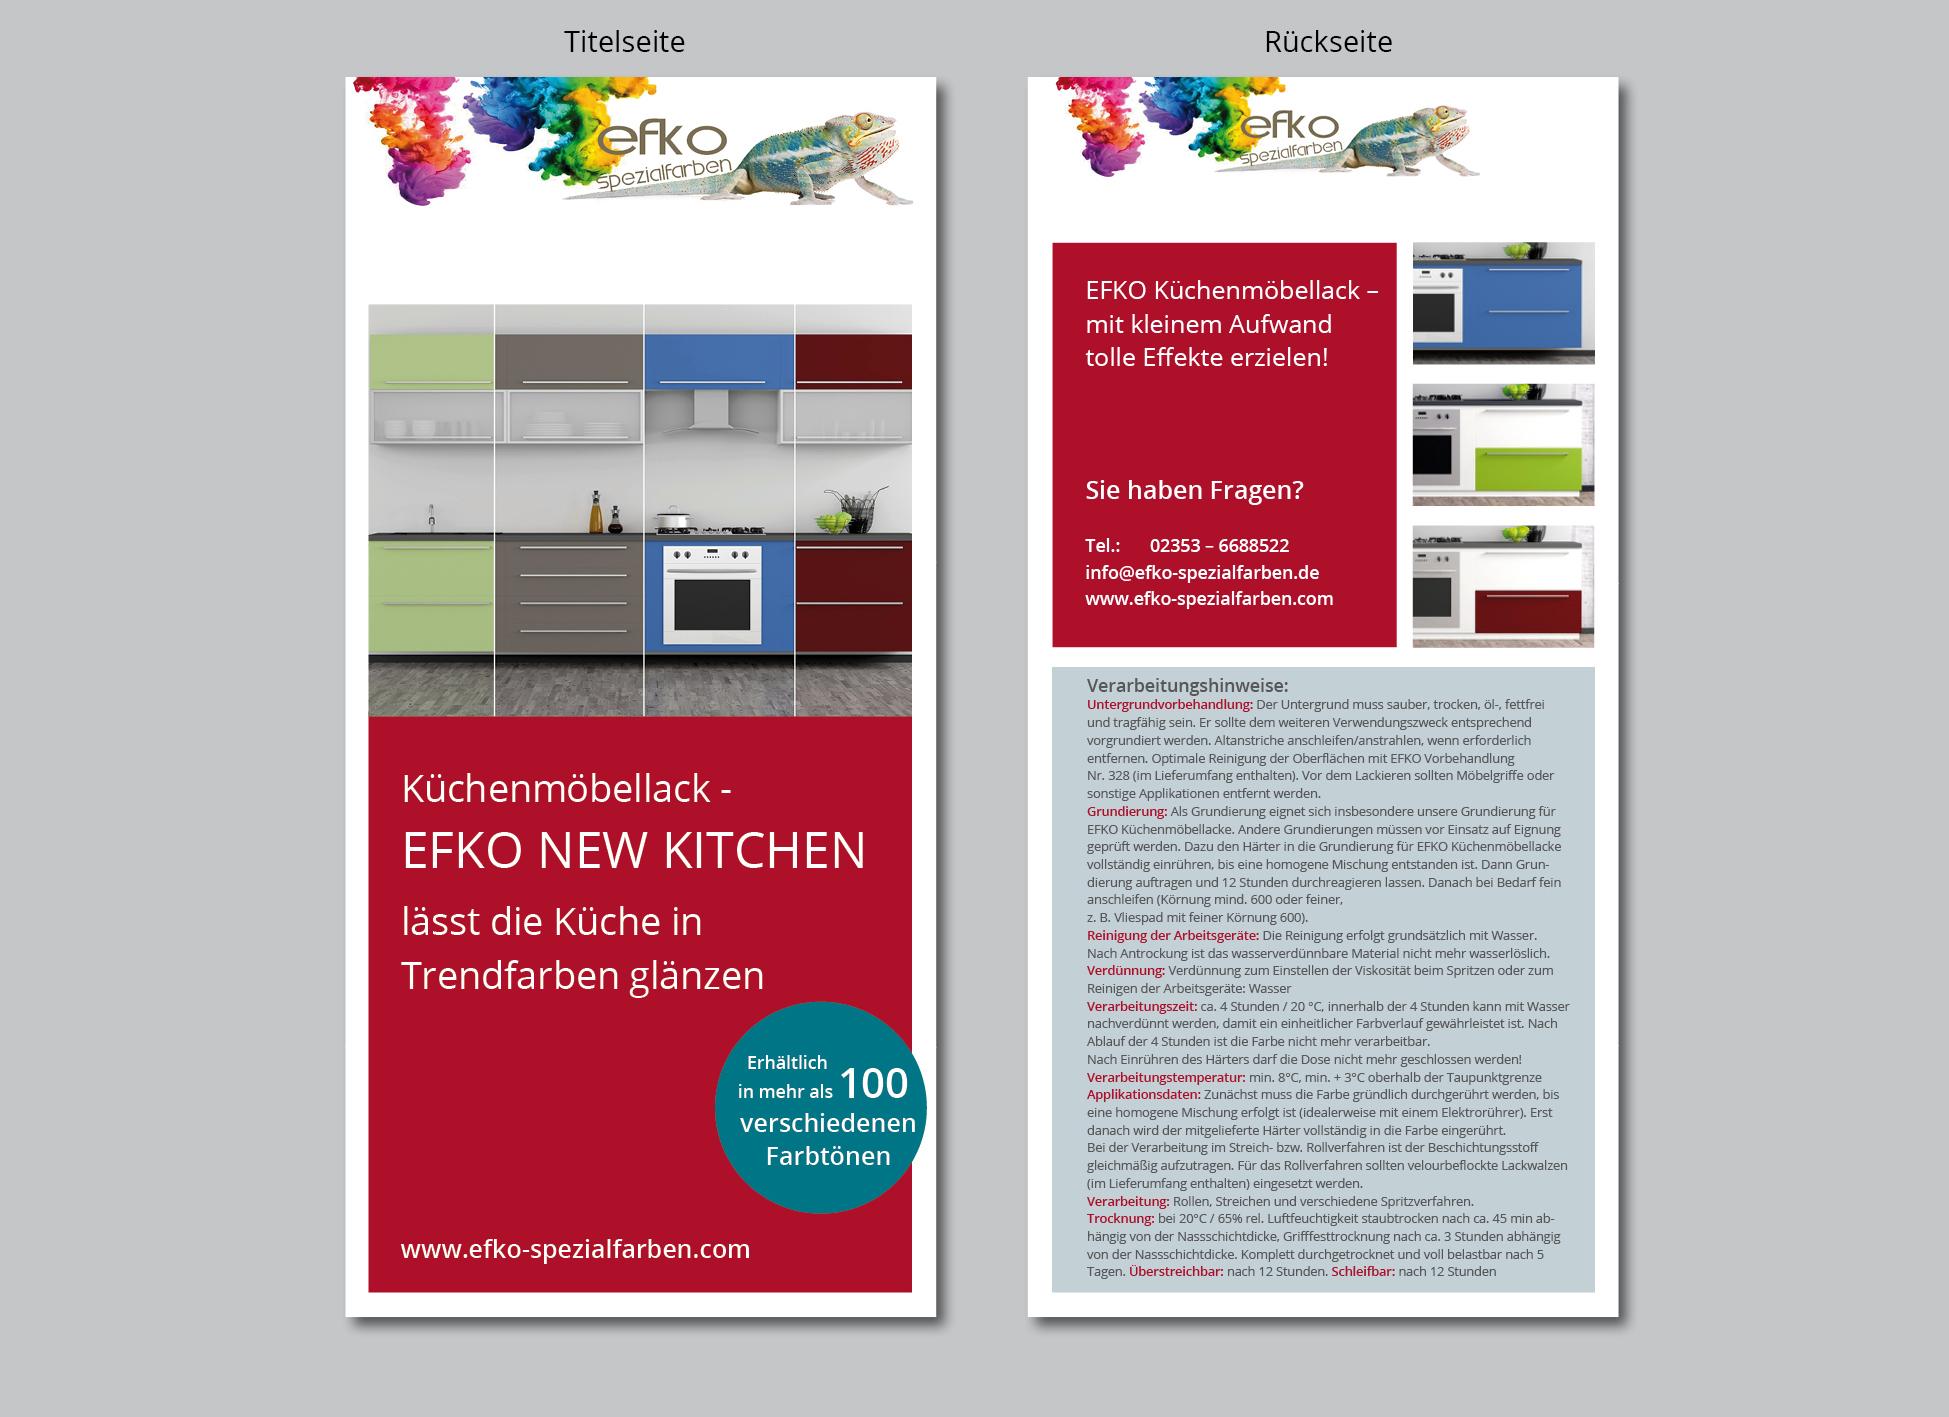 flyer design f r k chenm bellack flyer design briefing. Black Bedroom Furniture Sets. Home Design Ideas